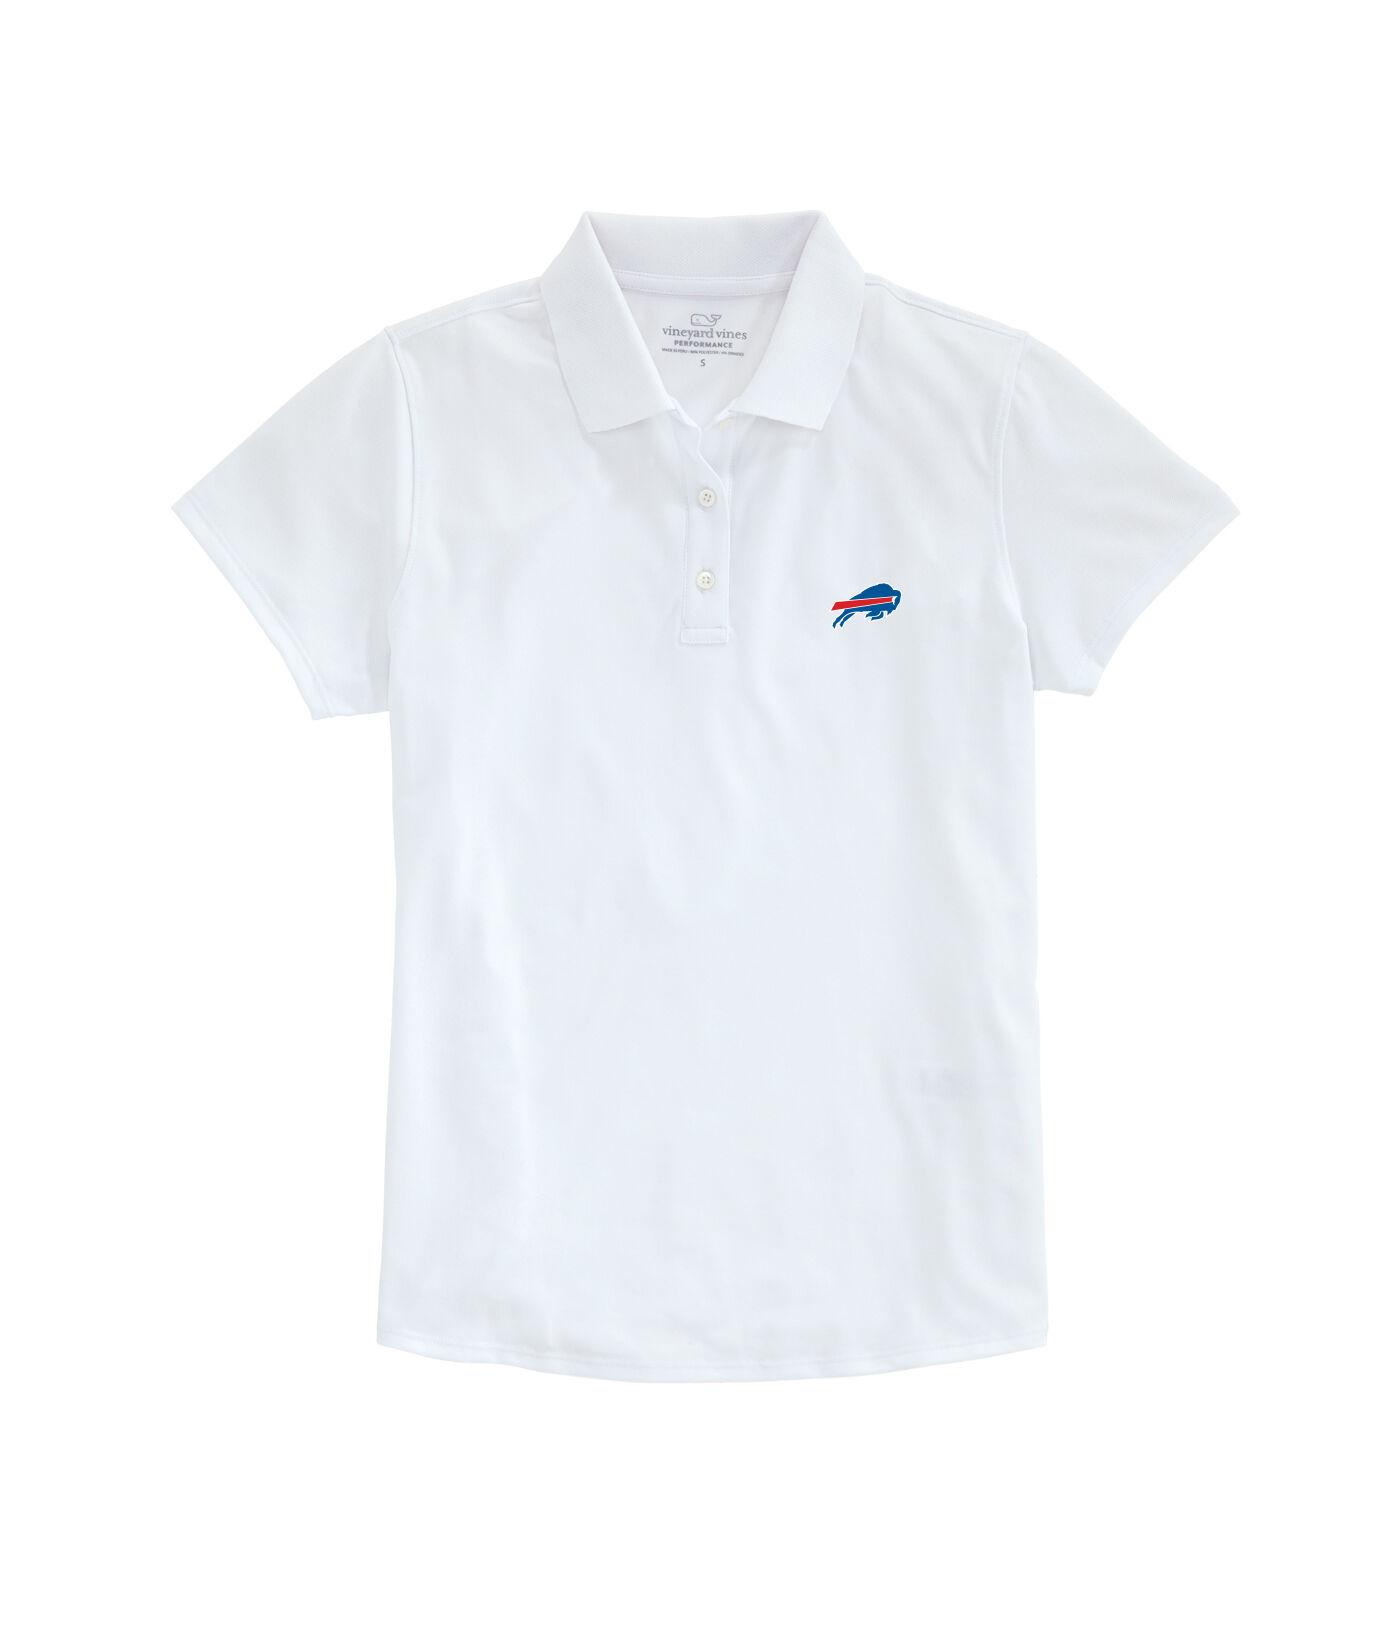 buffalo bills polo shirts sale